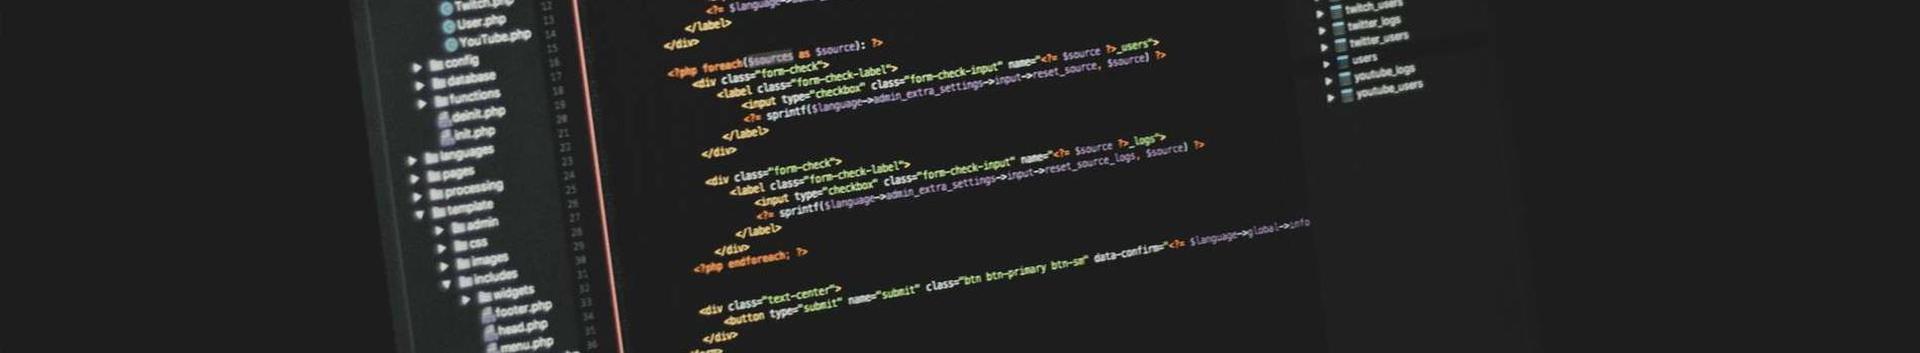 arvutirakendused, tarkvara, arvutitarkvara